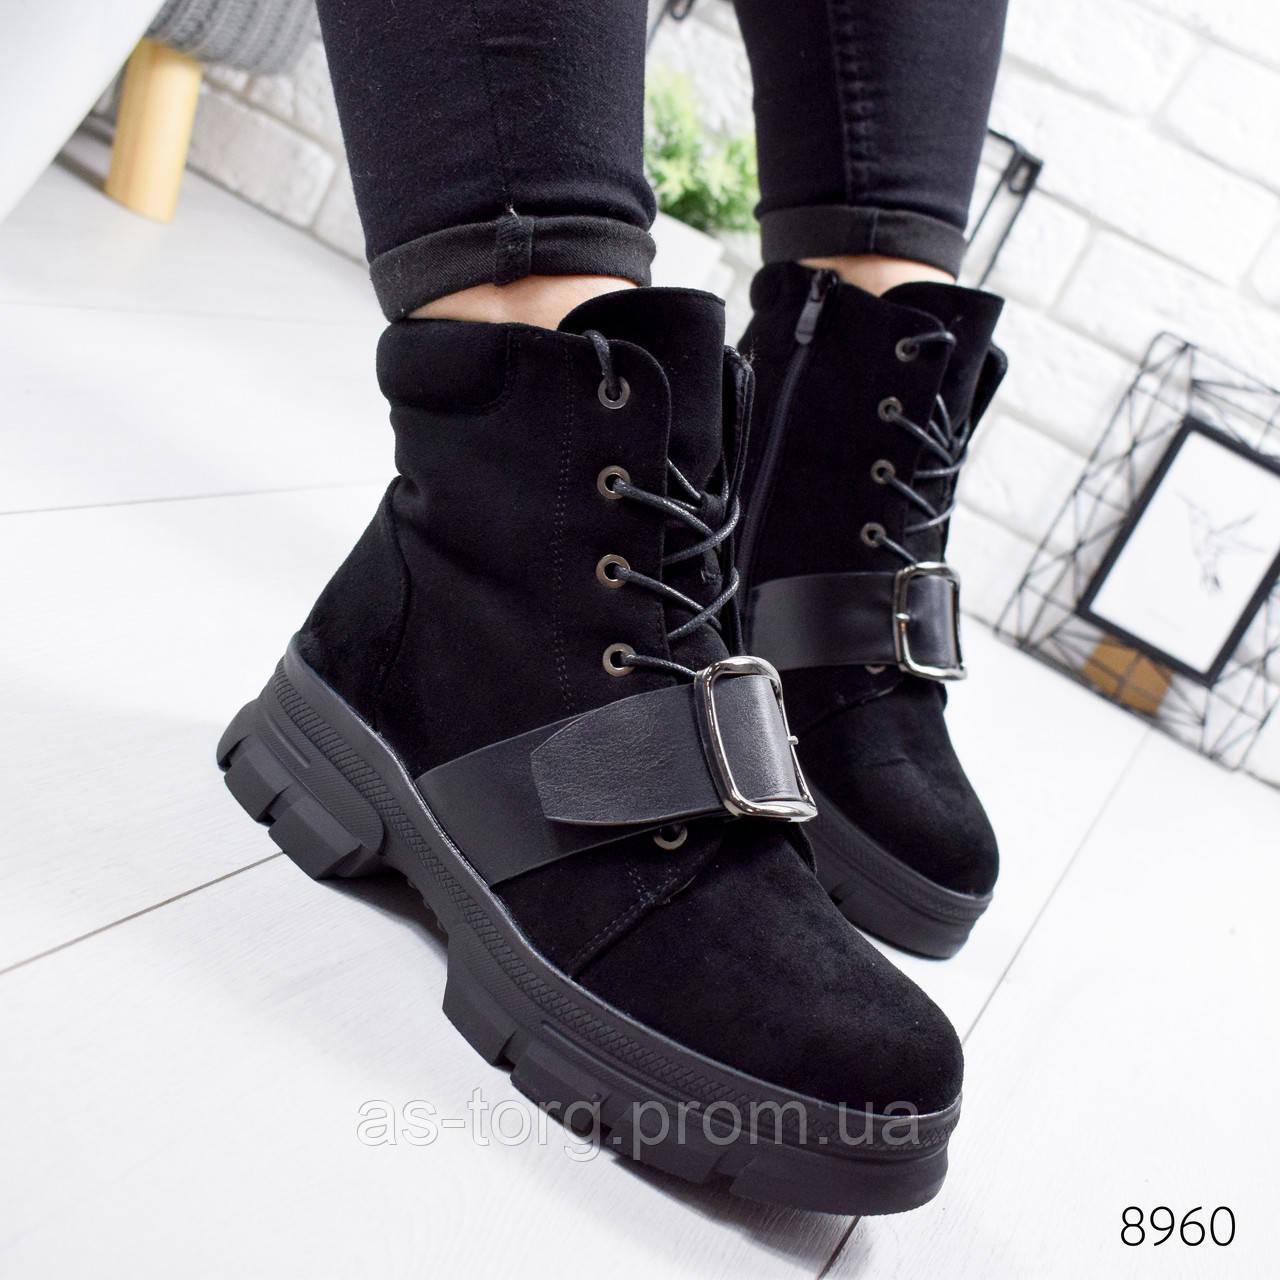 Ботинки женские Nube черные 8960 зима